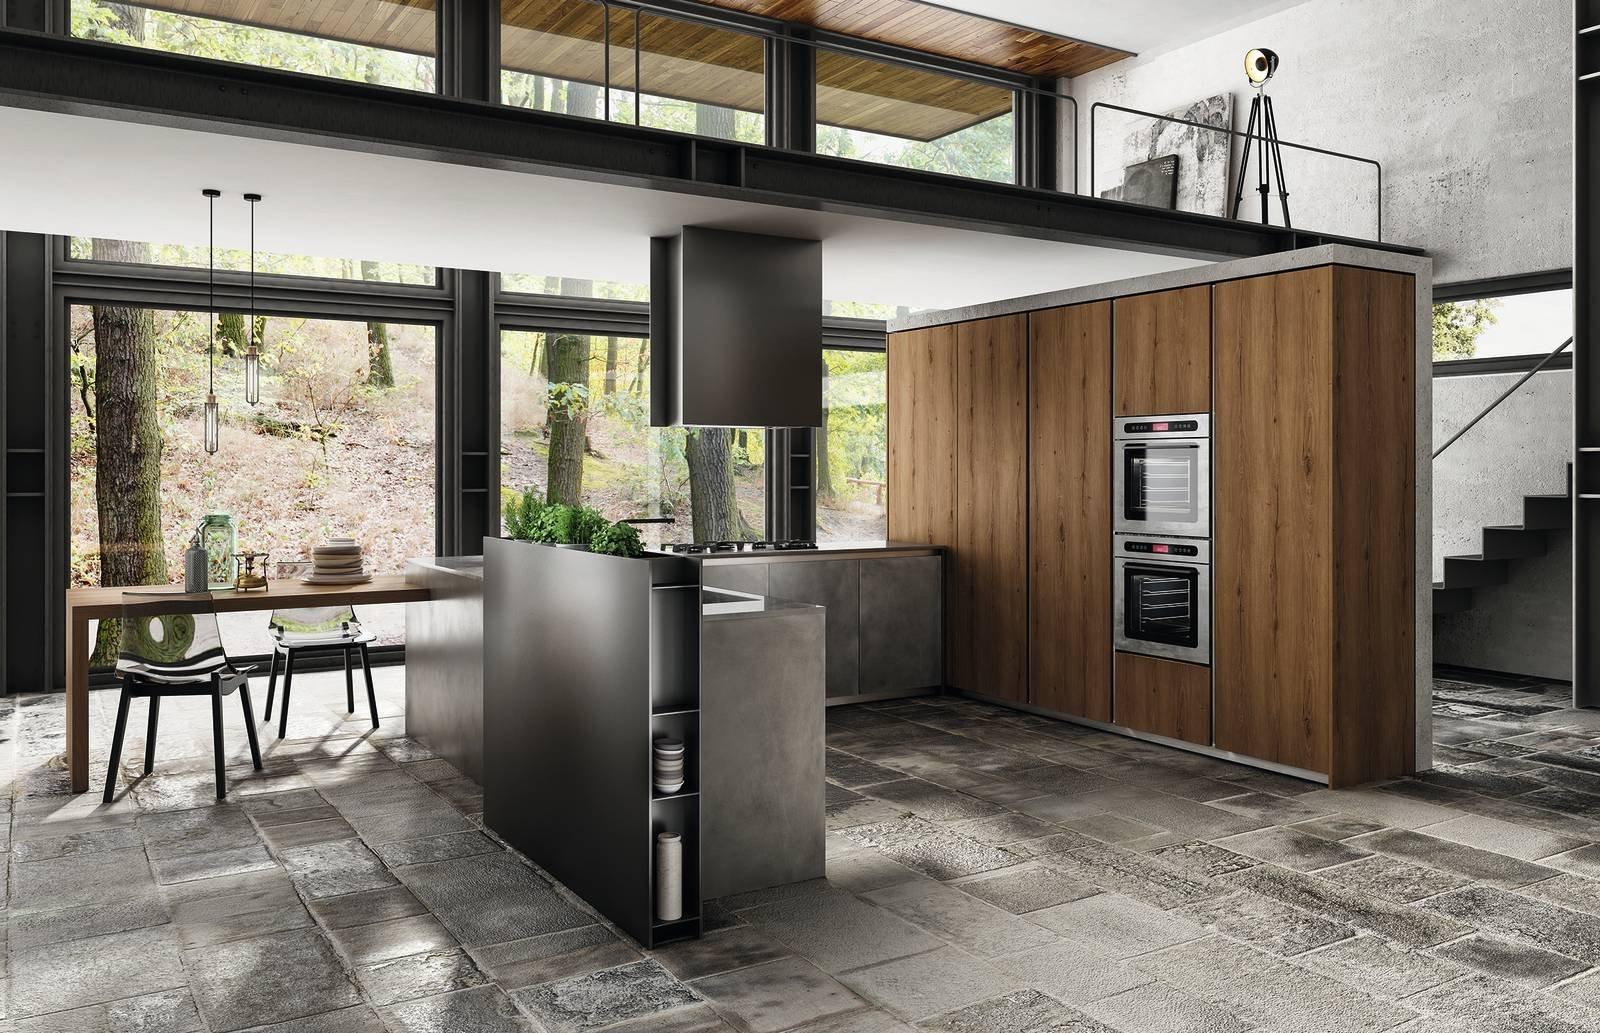 Cucine industriali scegliere i mobili le lampade le piastrelle e le finiture giusti cose di - Mobili effetto invecchiato ...